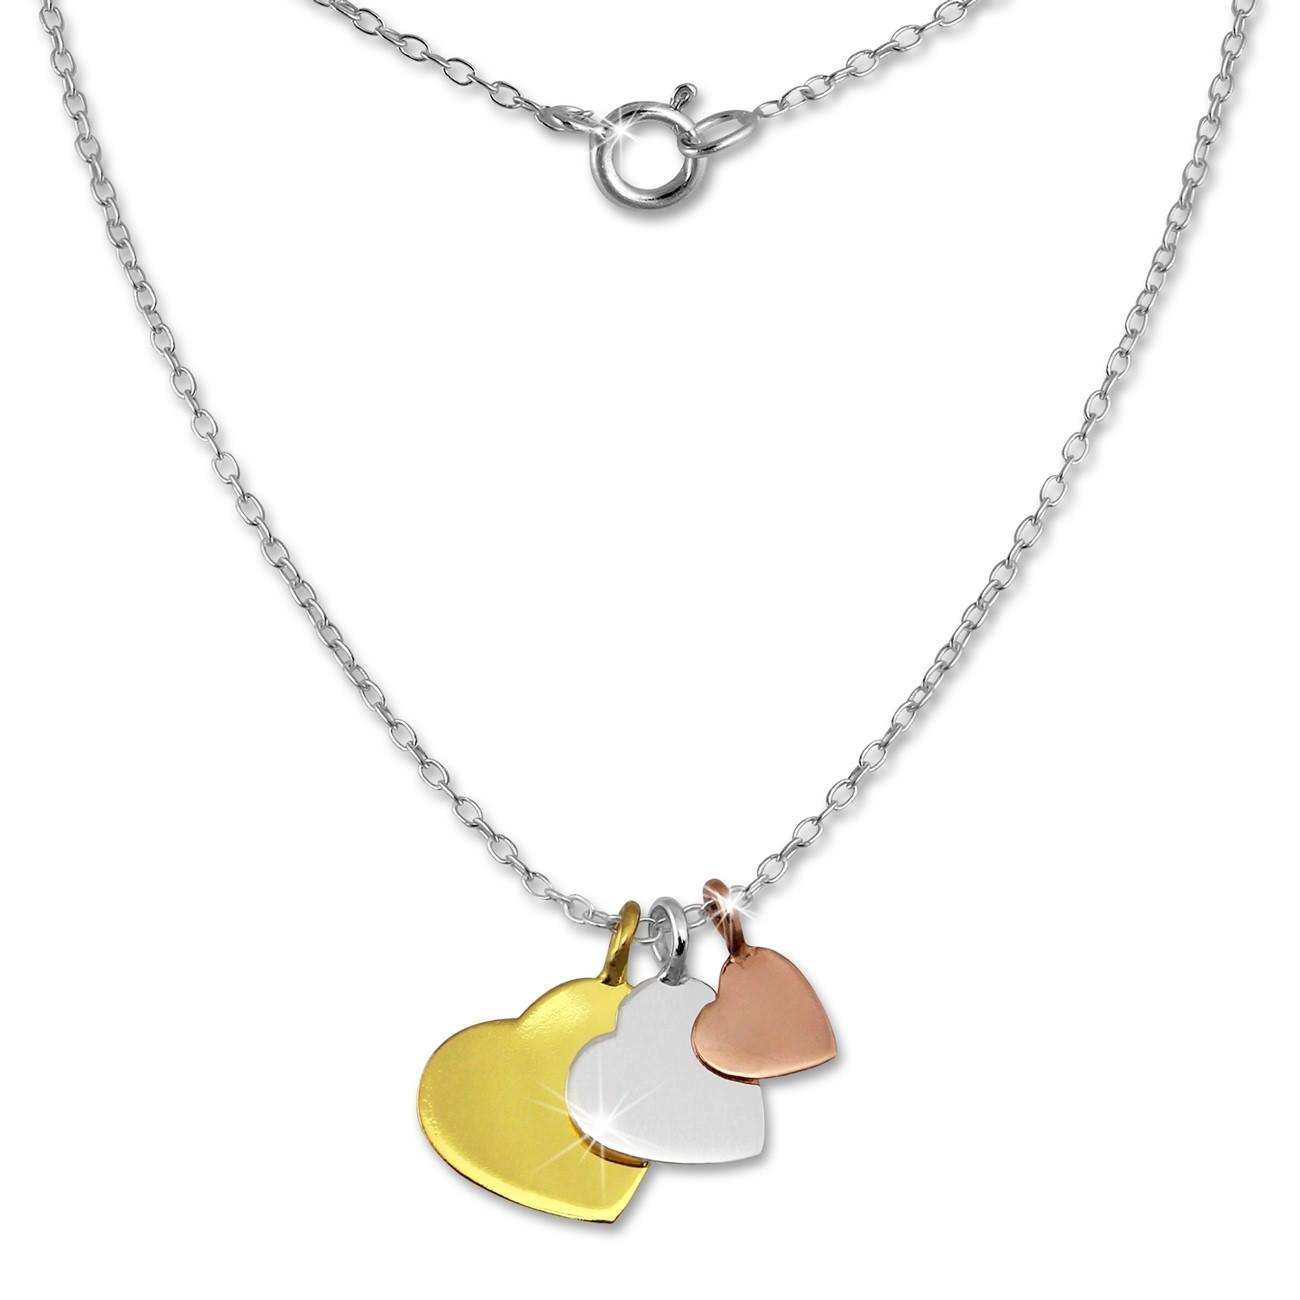 SilberDream Kette 3 Herzen vergoldet 925er Silber 45cm Halskette SDK8001F